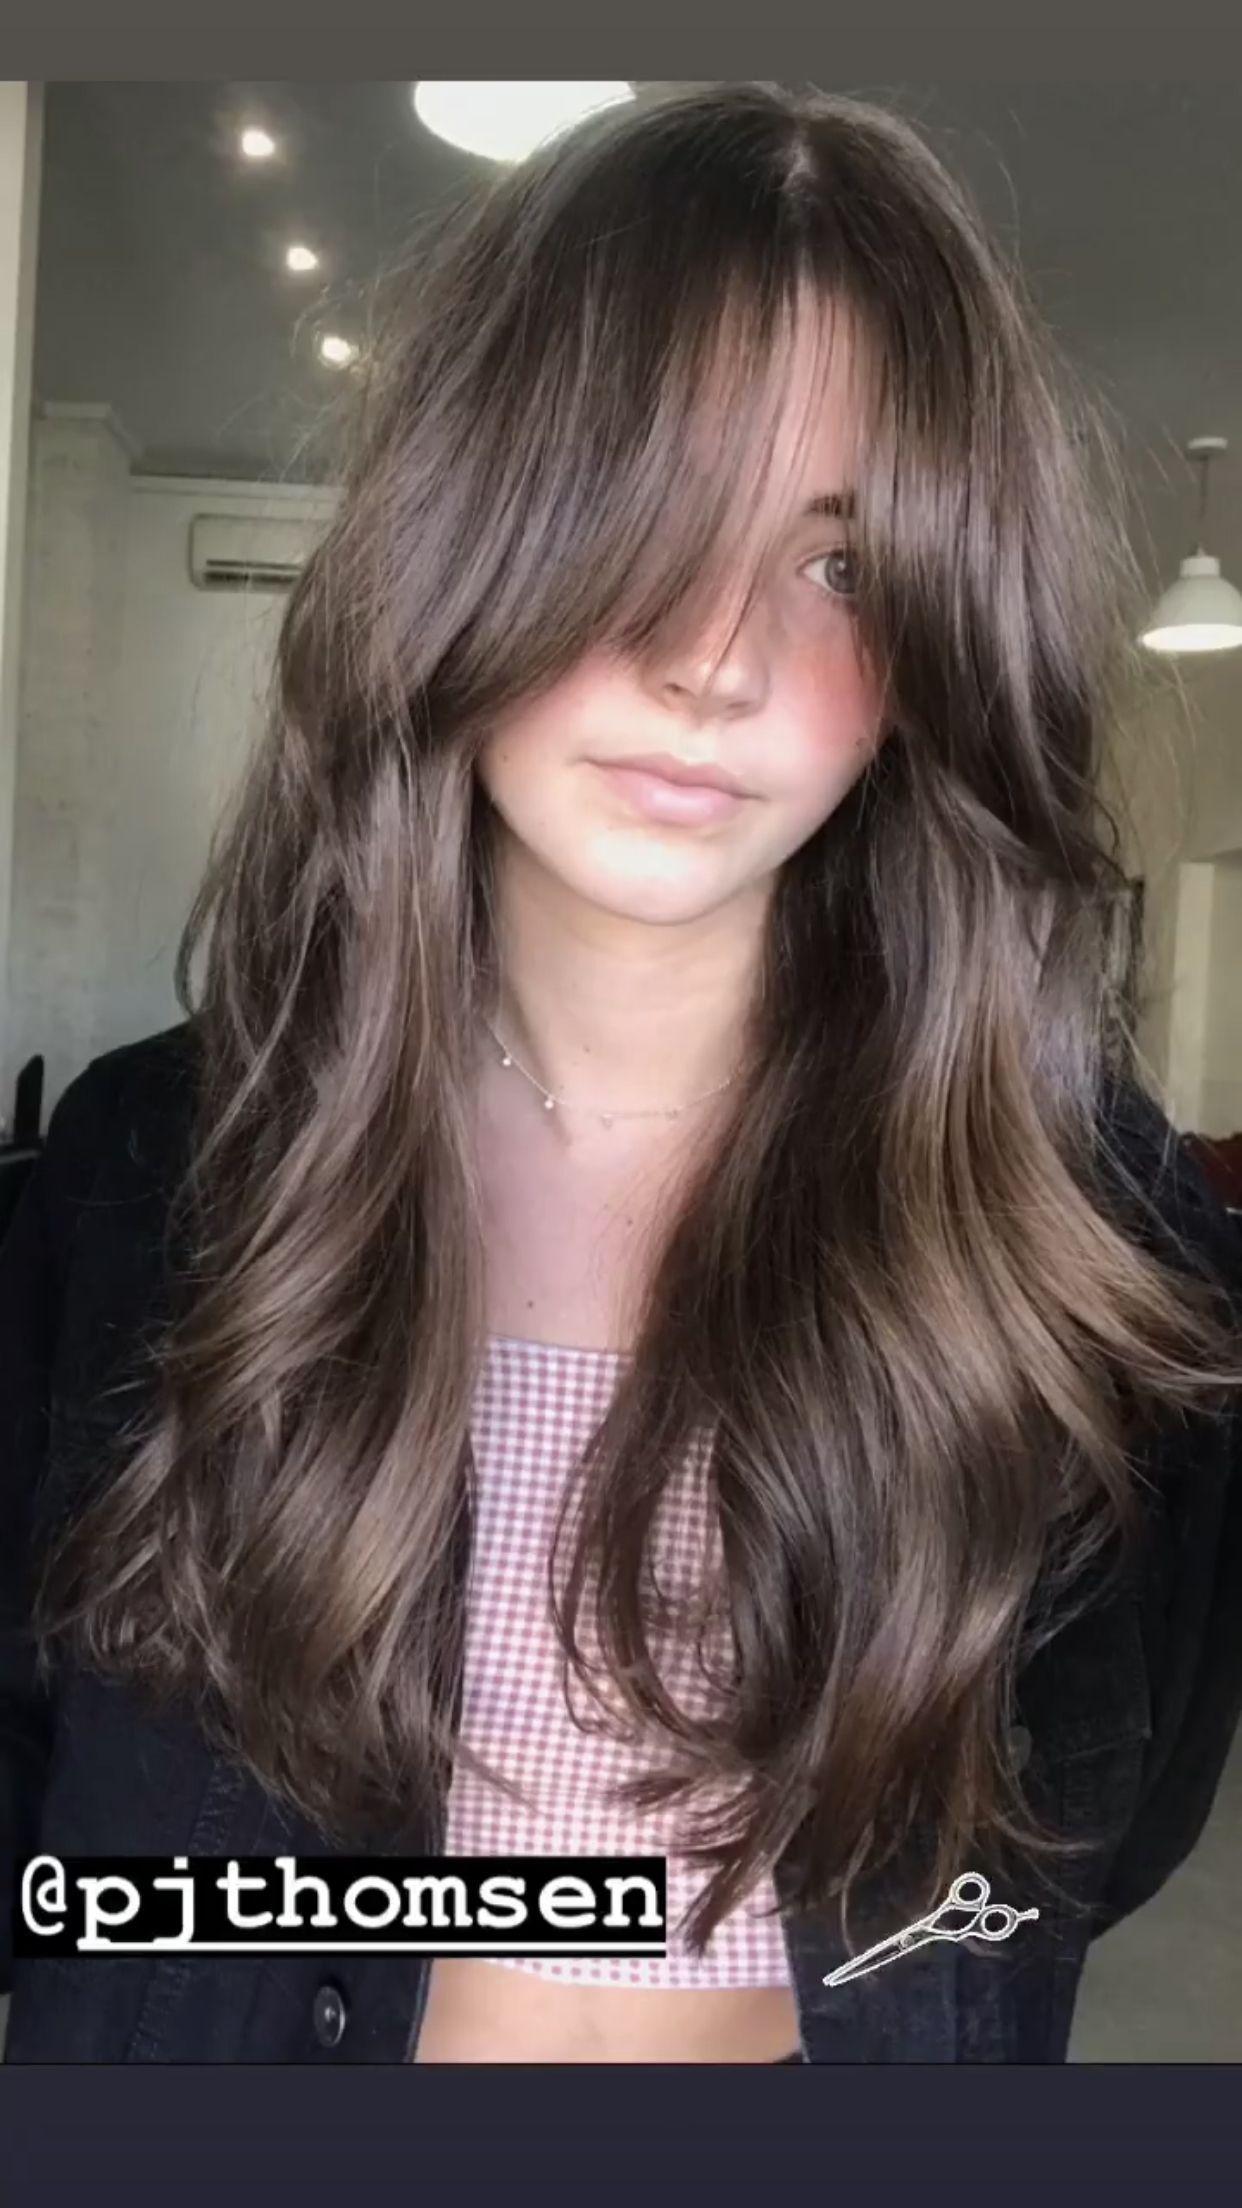 Follow Pjthomsen On Instagram Bangs Brunette Curtainbangs Longhair Beau Bangs In 2020 Hair Styles Haircuts For Long Hair Grunge Hair